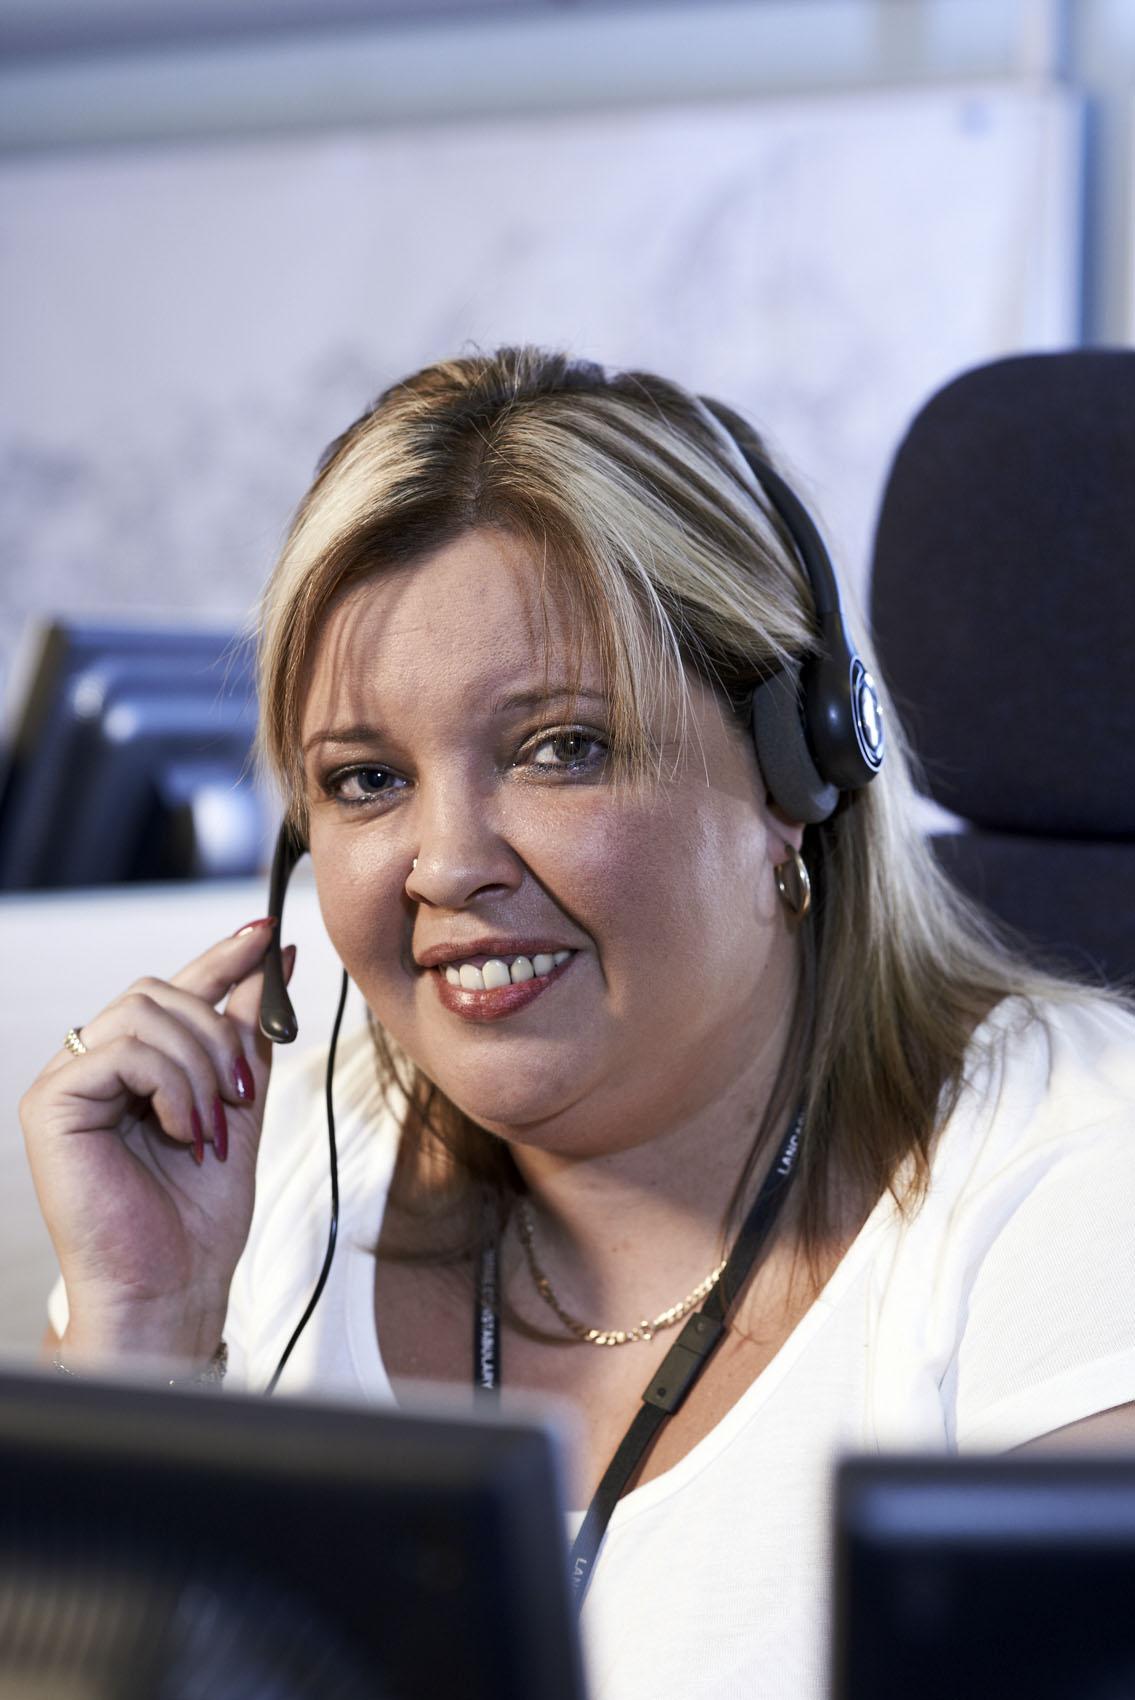 Mandy Withington